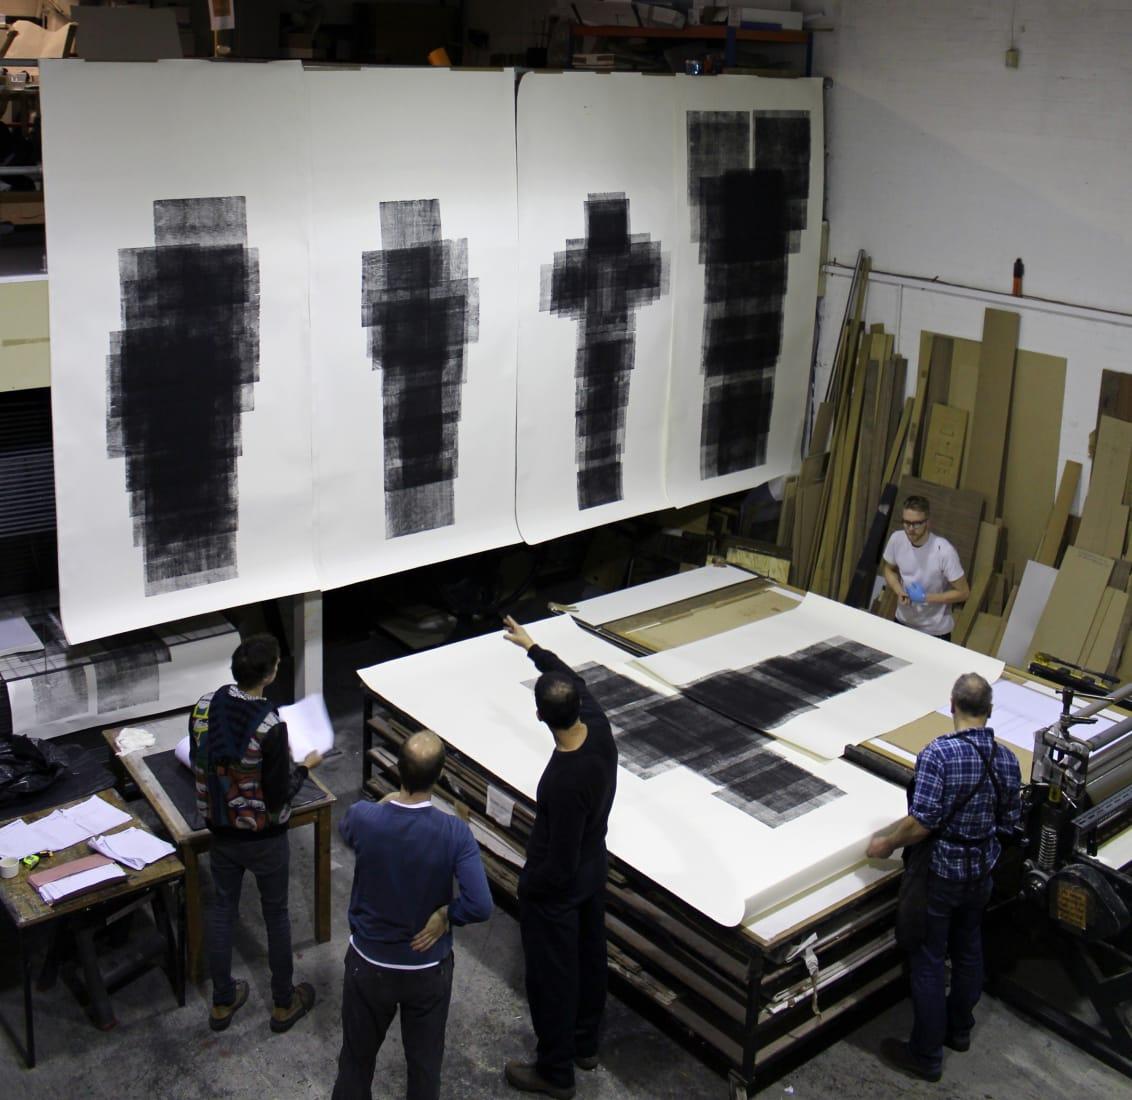 <p>Antony Gormley at Thumbprint Editions, London, 2015. Photo: Fiona Grady</p>